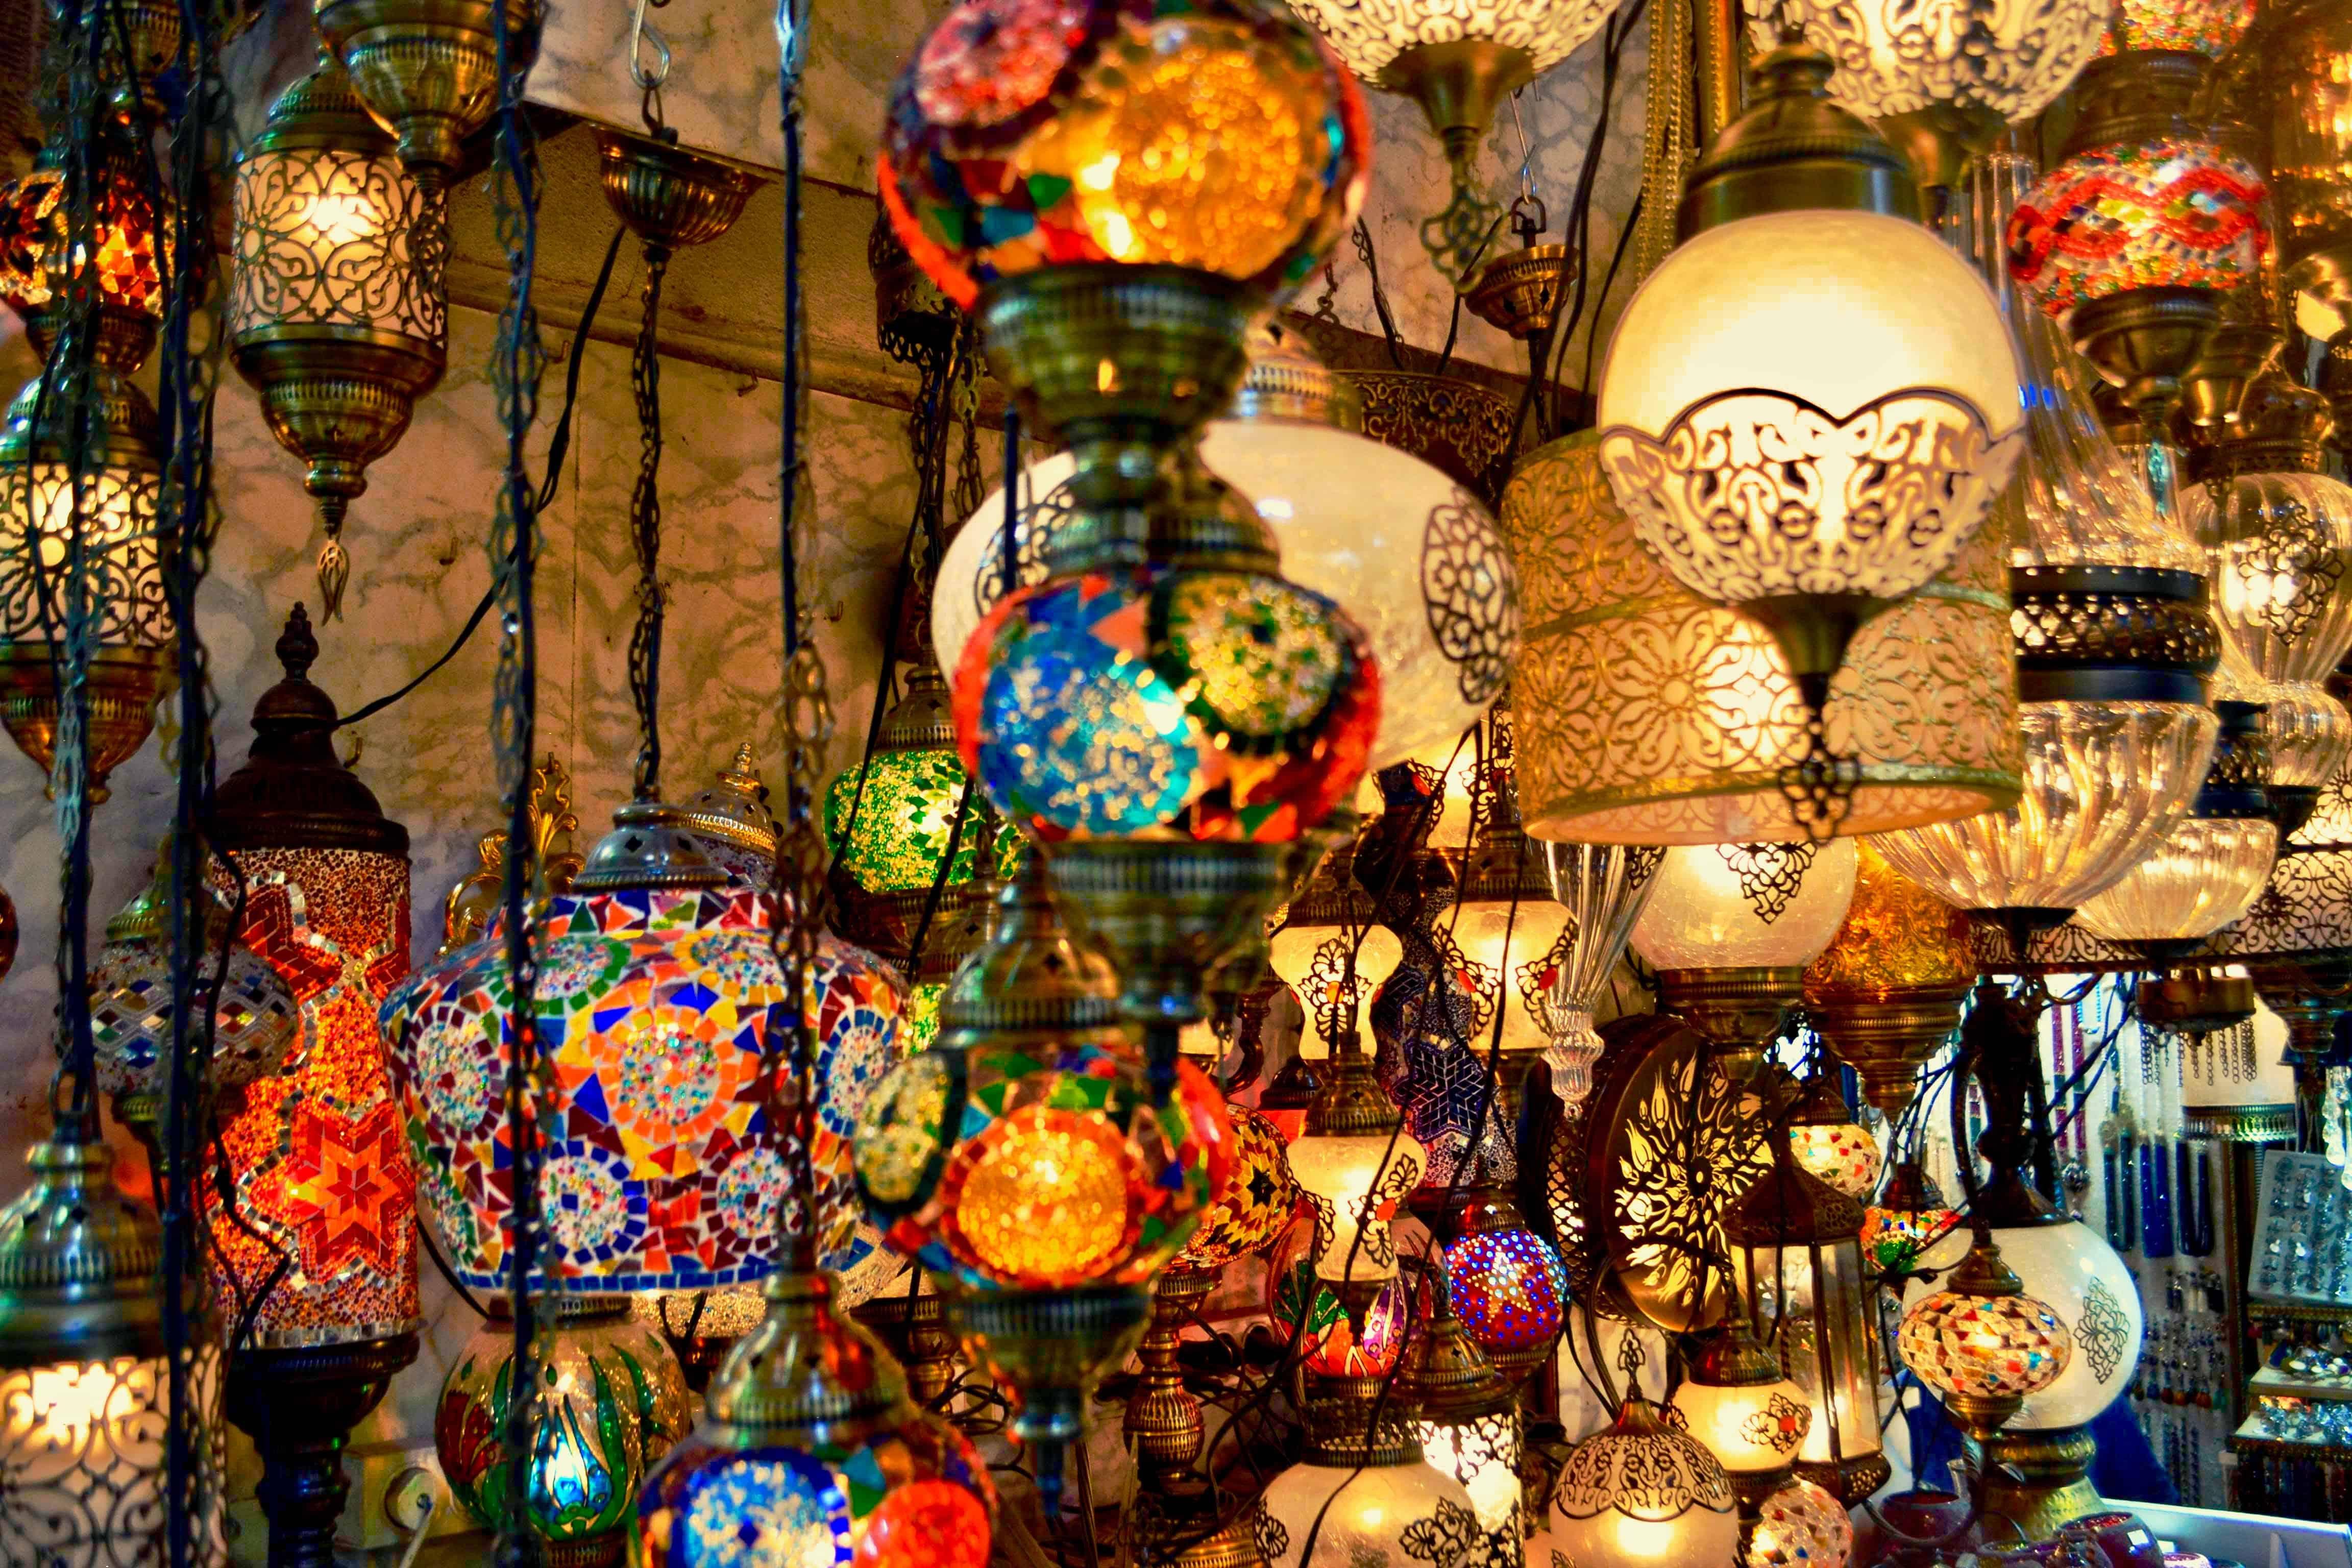 Co nakoupit v Tunisku